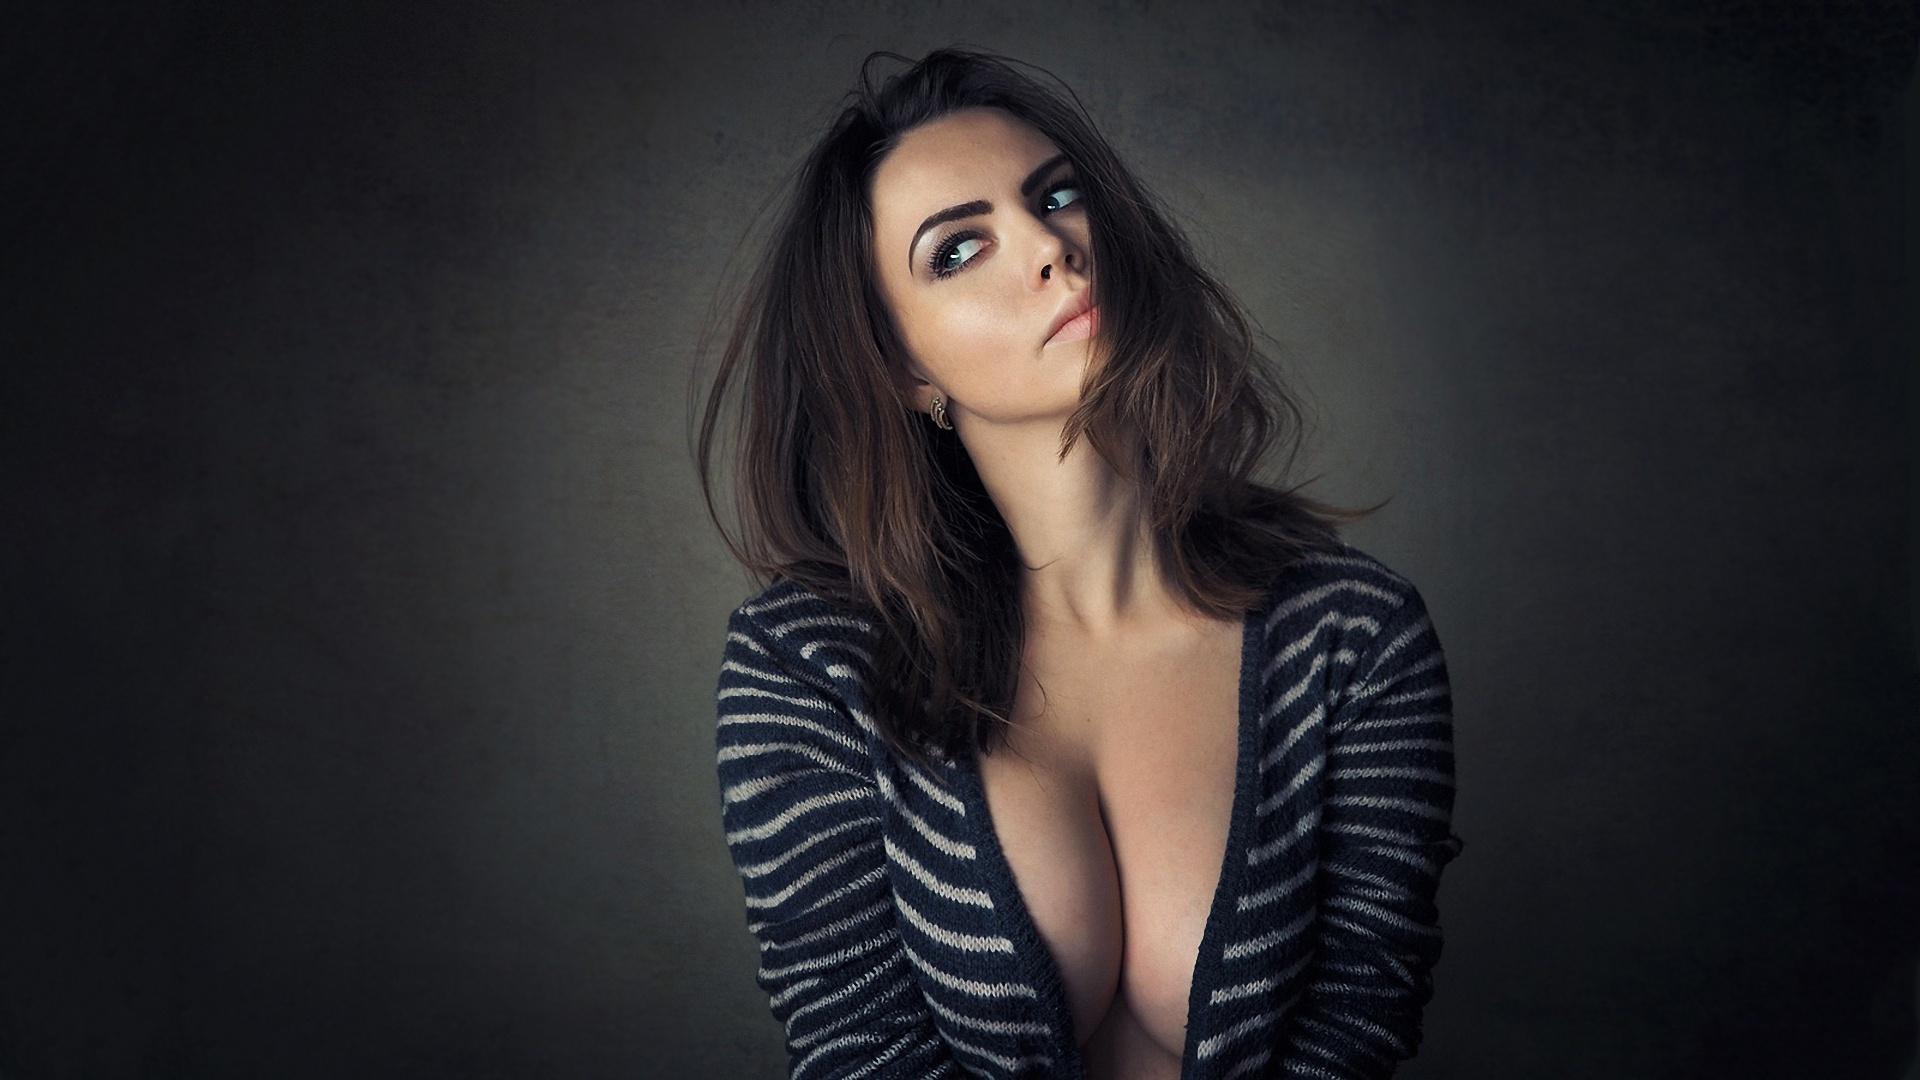 Телочки с волосами, Волосатые киски - Смотреть порно онлайн, секс видео 13 фотография